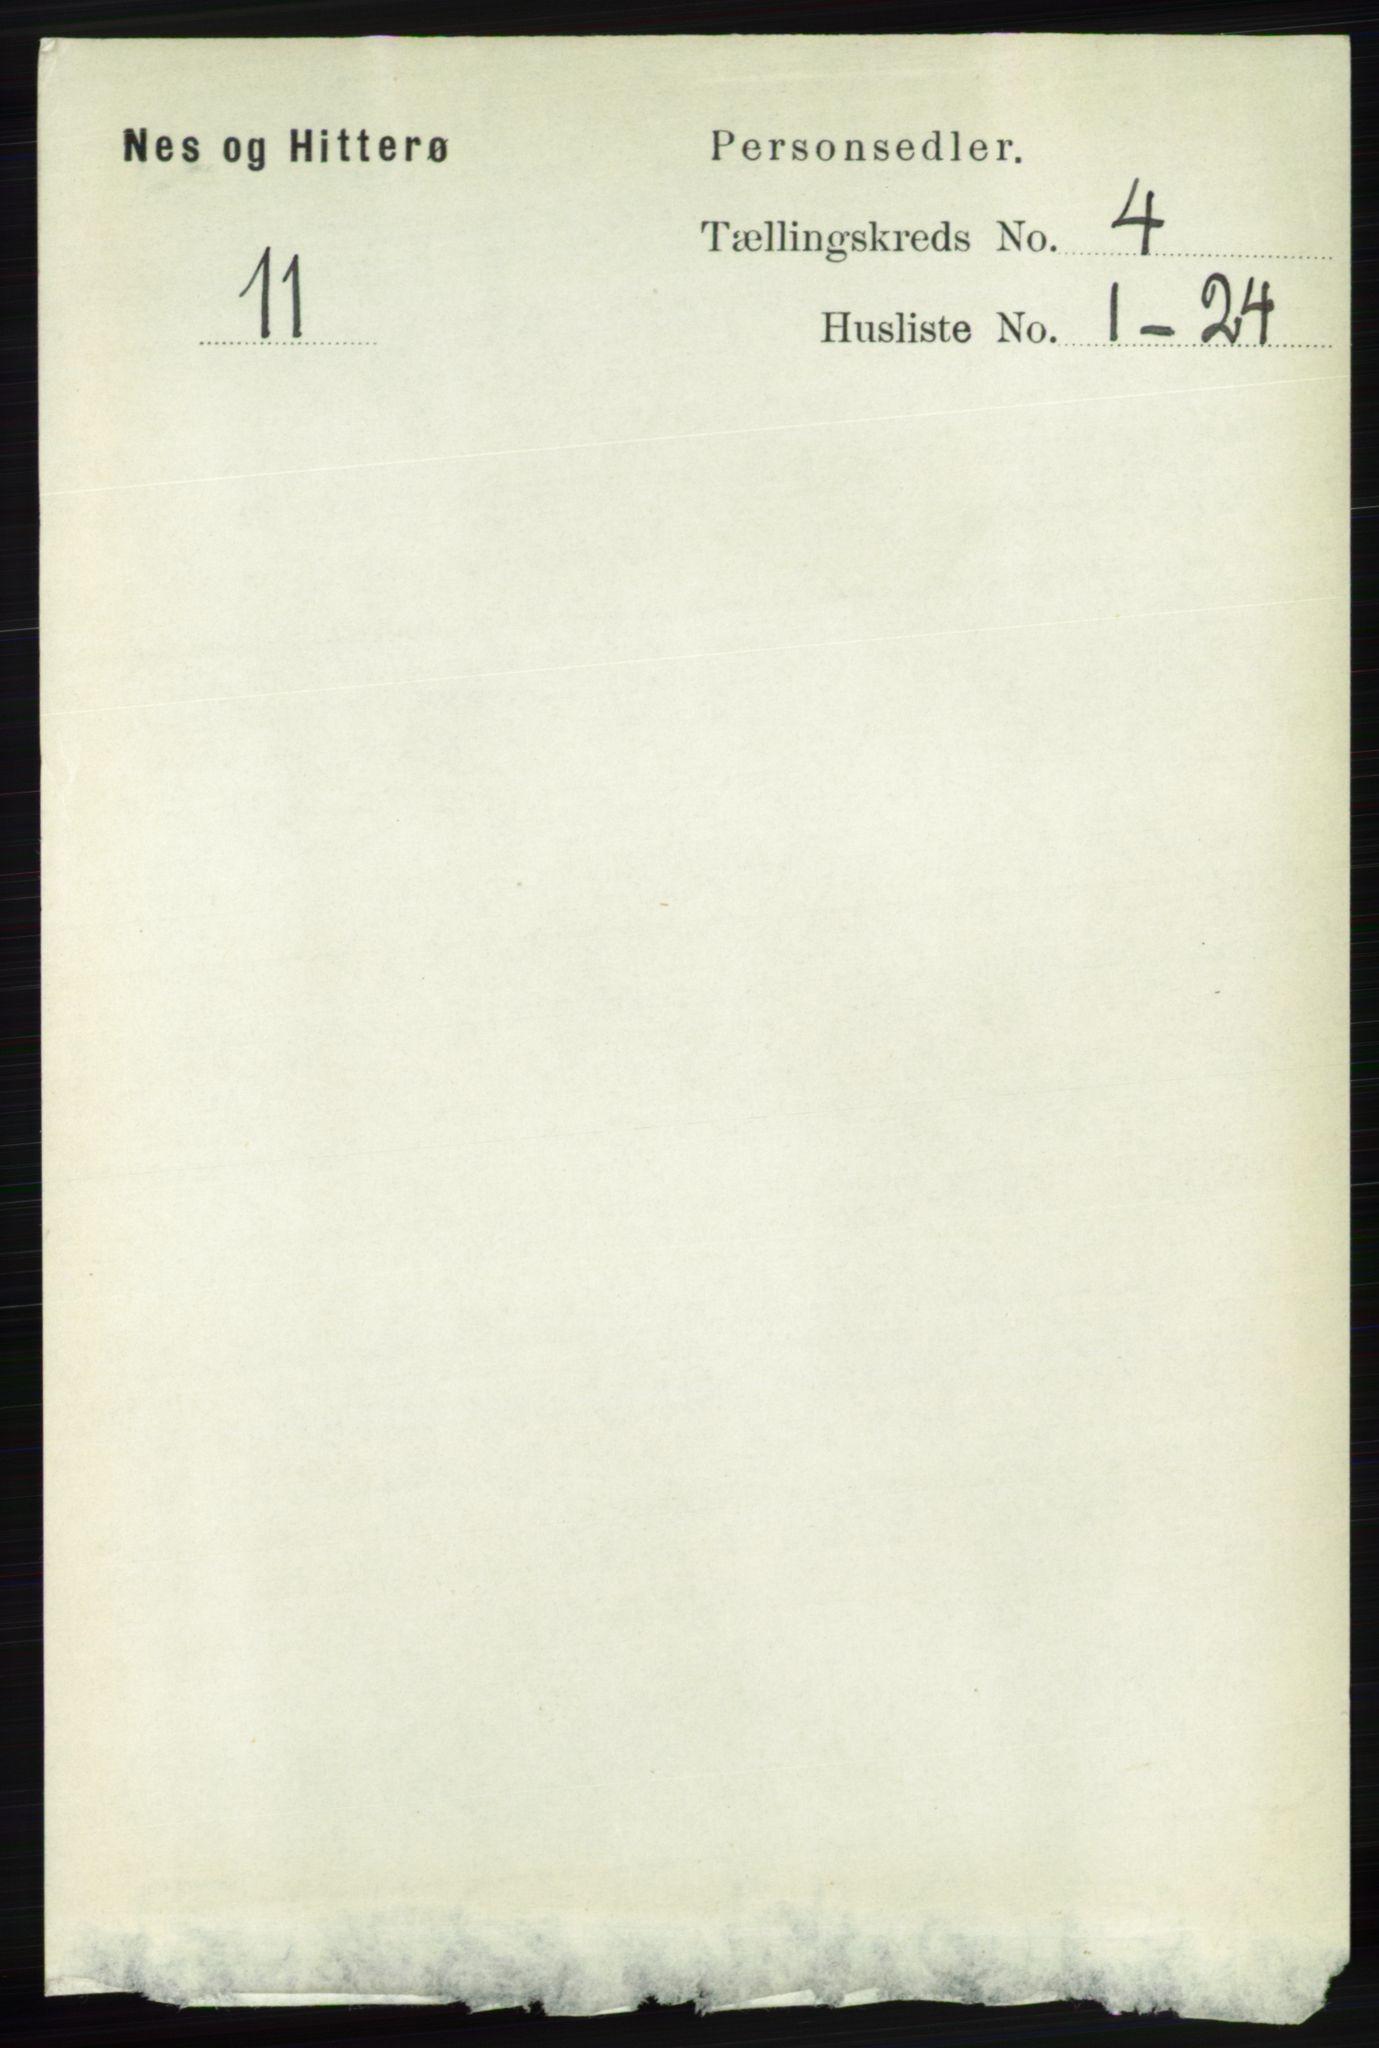 RA, Folketelling 1891 for 1043 Hidra og Nes herred, 1891, s. 1432